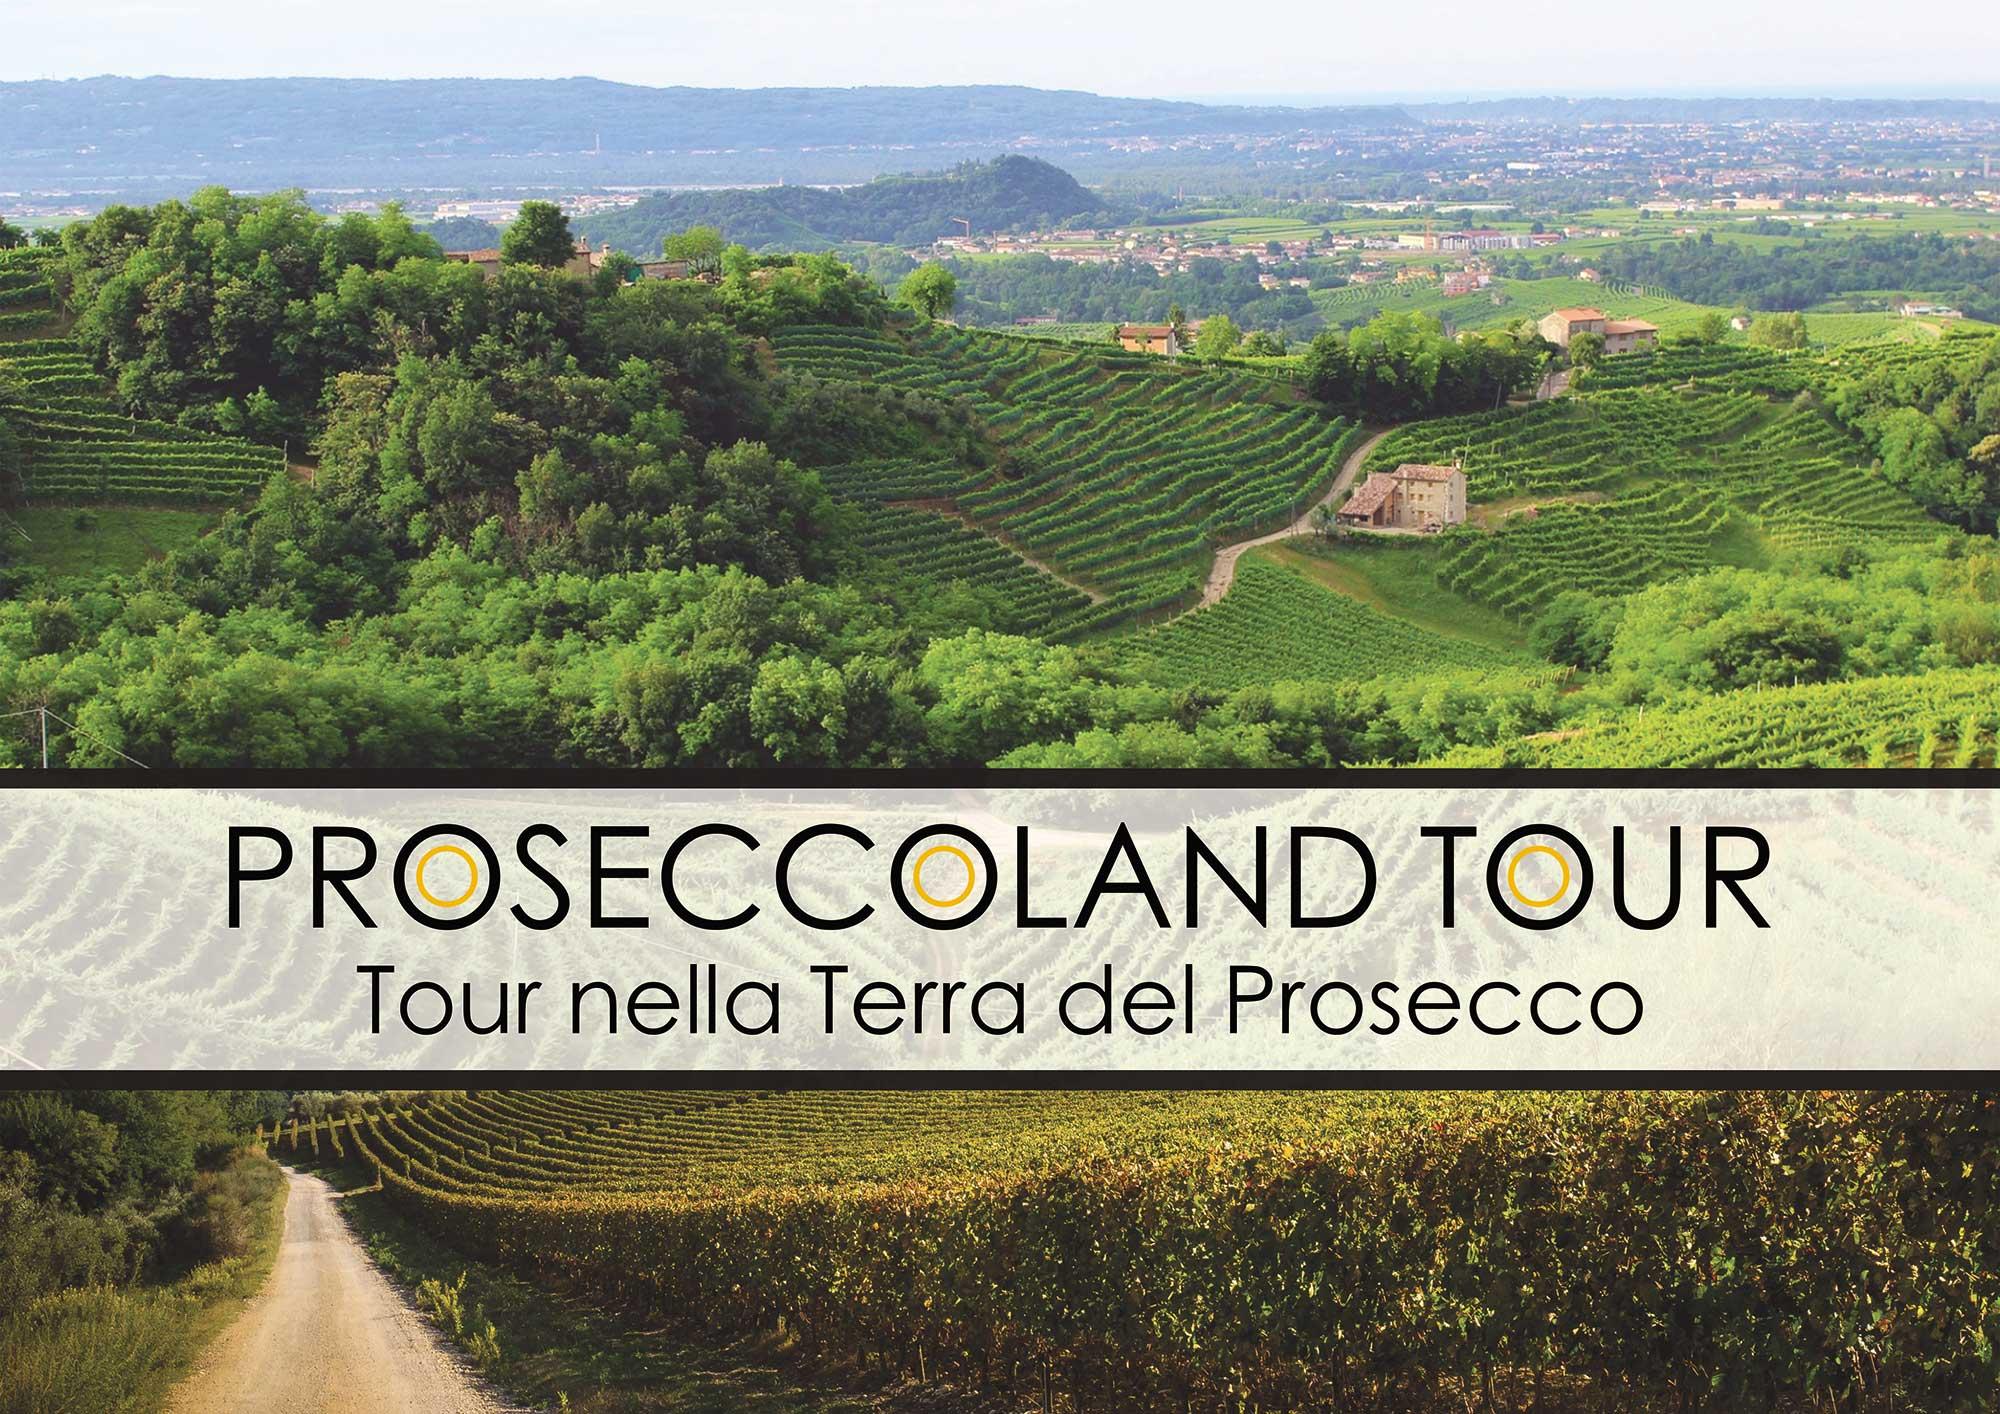 Prosecco land tour Valdobbiadene Conegliano